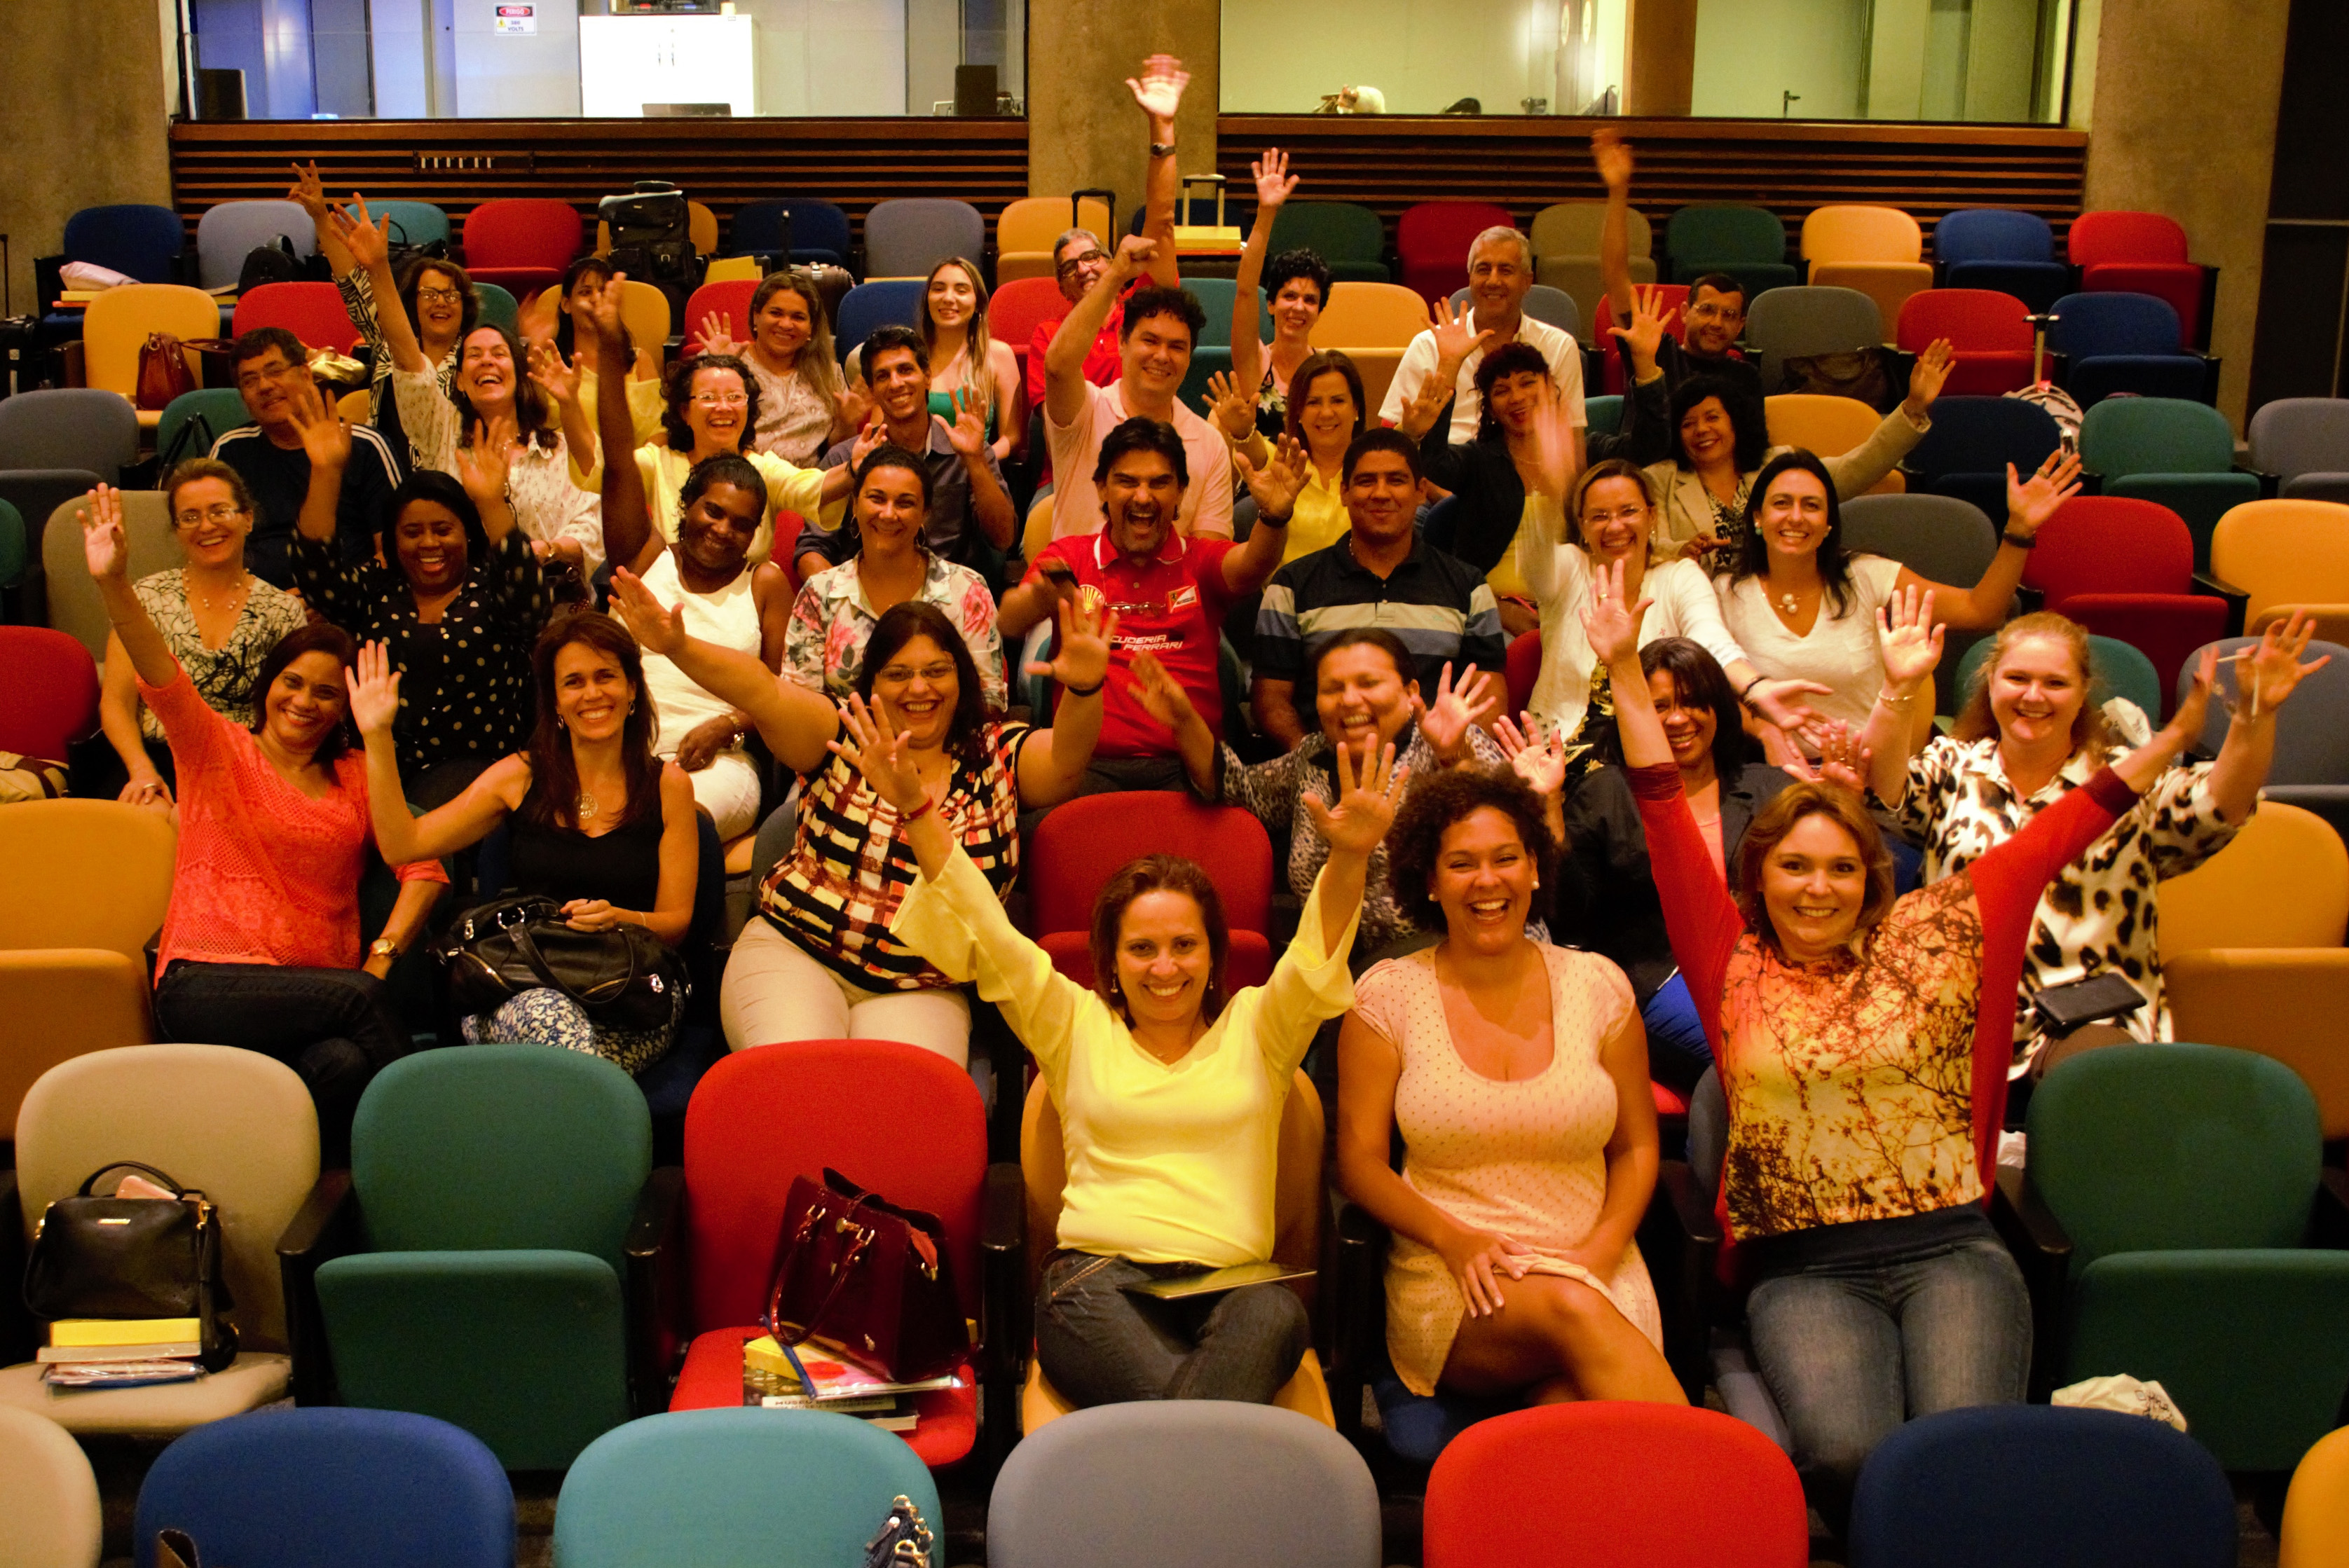 : Homens e mulheres animados e com os braços erguidos posam para foto em auditório com cadeiras coloridas.